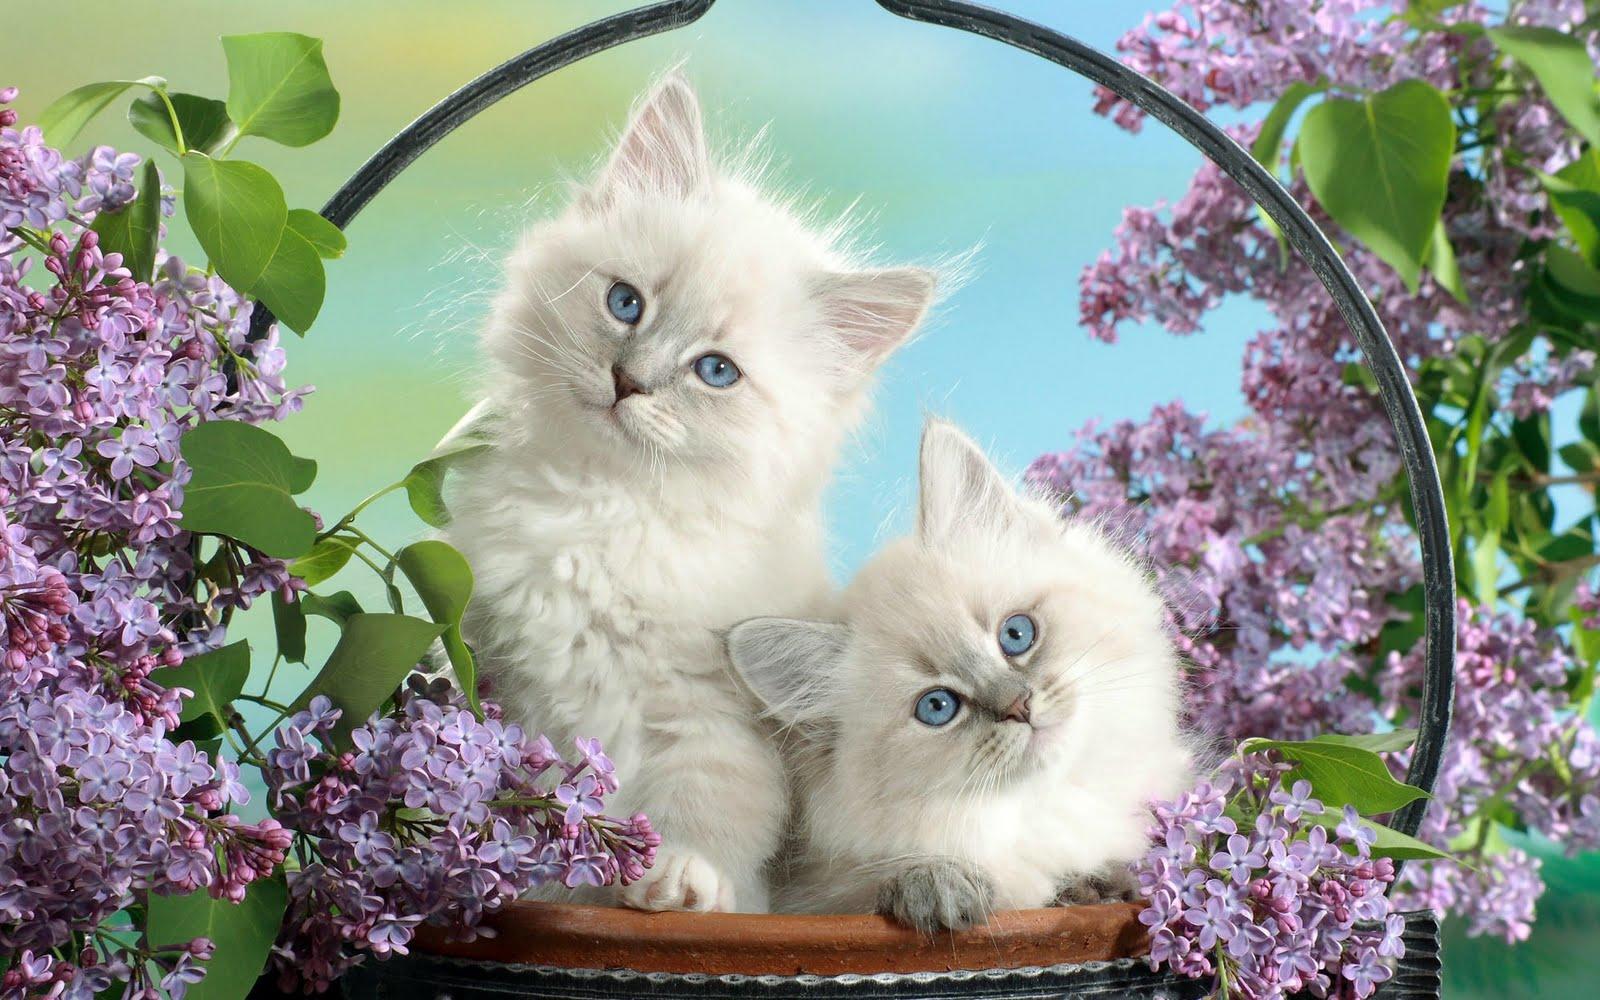 http://2.bp.blogspot.com/_KLJU3hHDGVM/S-lCuYtZ8UI/AAAAAAAAB-Y/hV8su2O5Y70/s1600/cats+%285%29.jpg